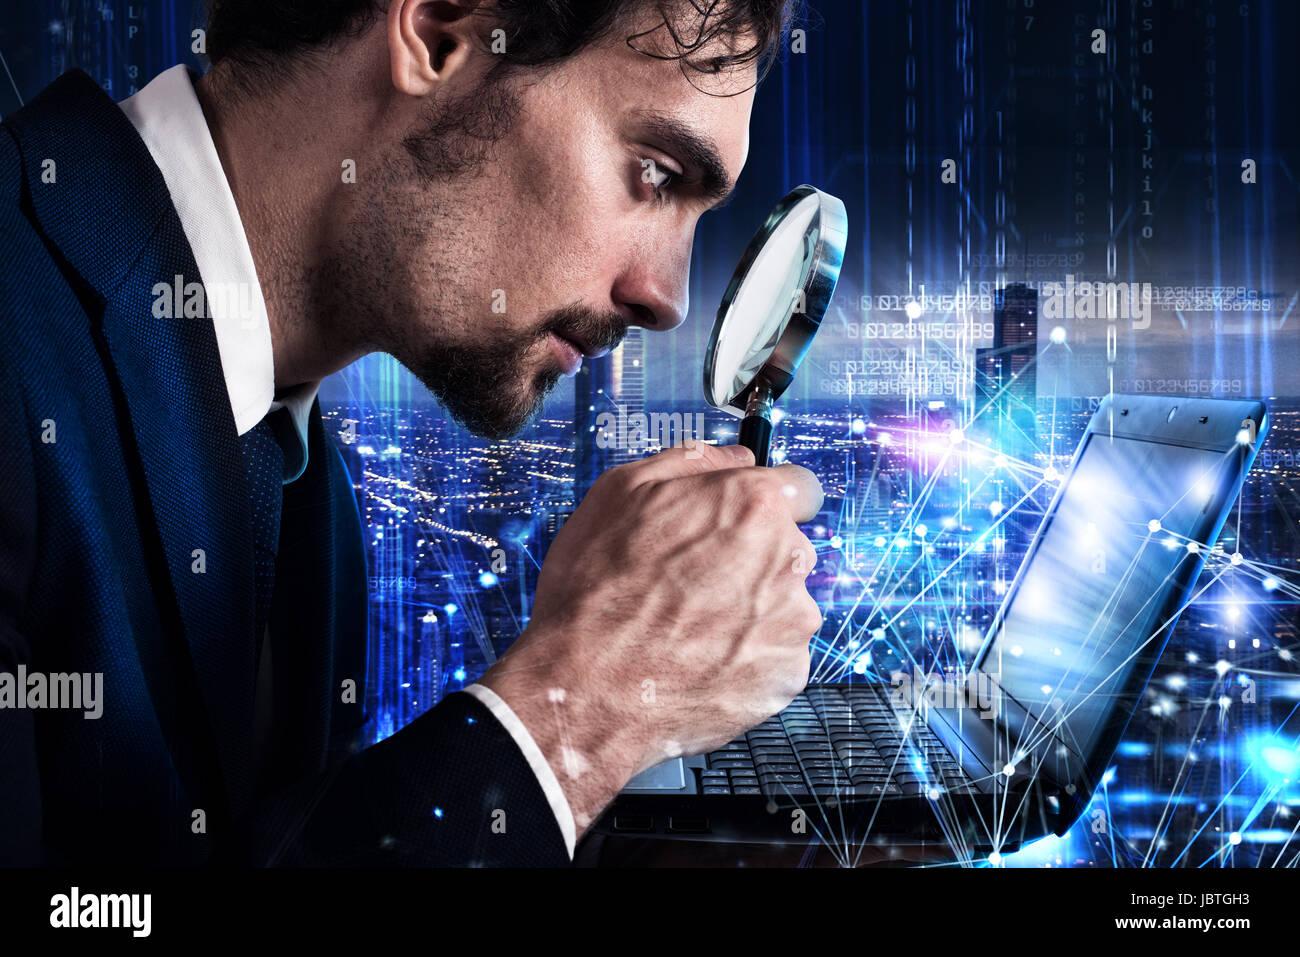 El hombre mira la lupa un portátil. Concepto de análisis de software Imagen De Stock